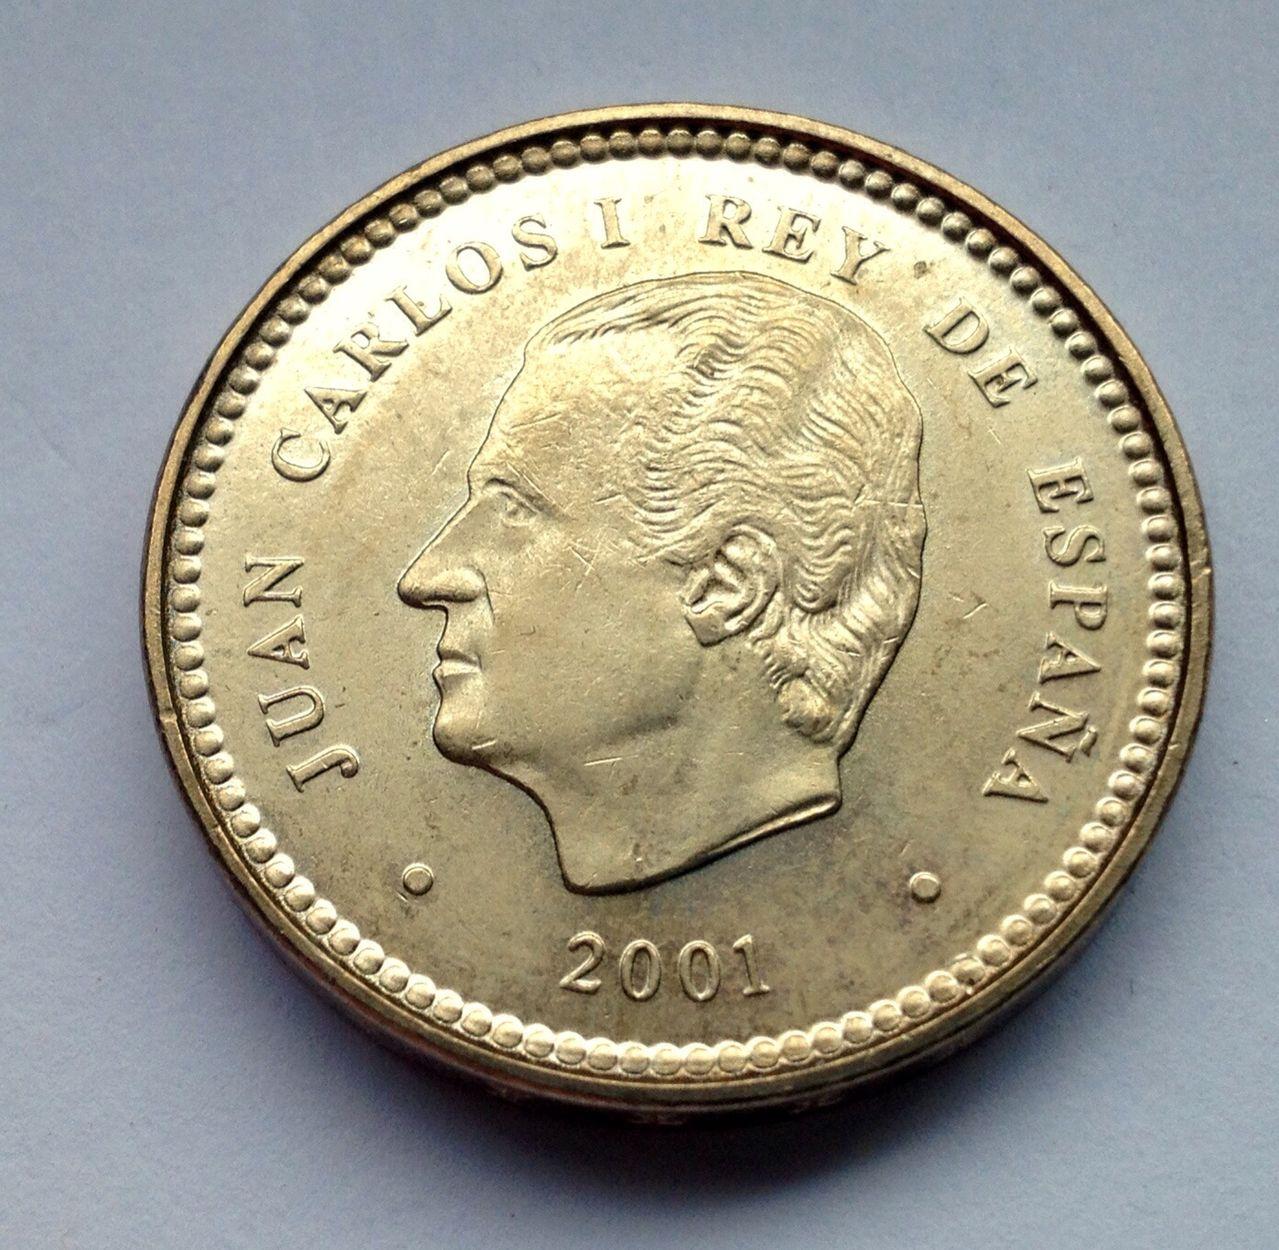 100 pesetas 2001 Juan Carlos I Image